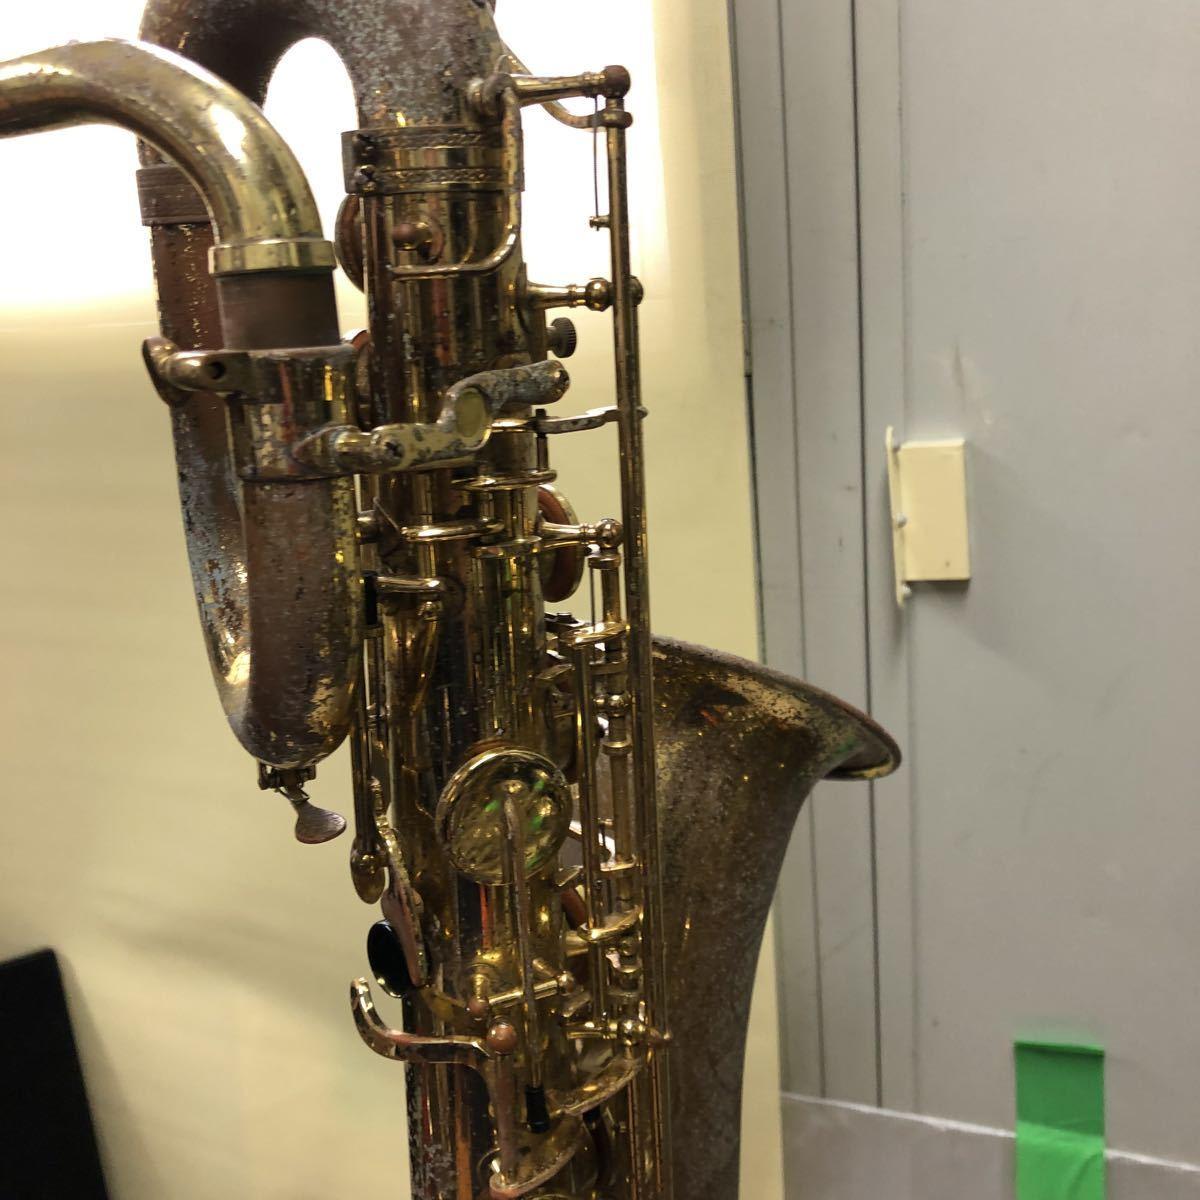 ★YAMAHA★ヤマハ バリトンサックス YBS-61 木管楽器 プロモデル 5388 ヴィンテージ 中古現状品 _画像8